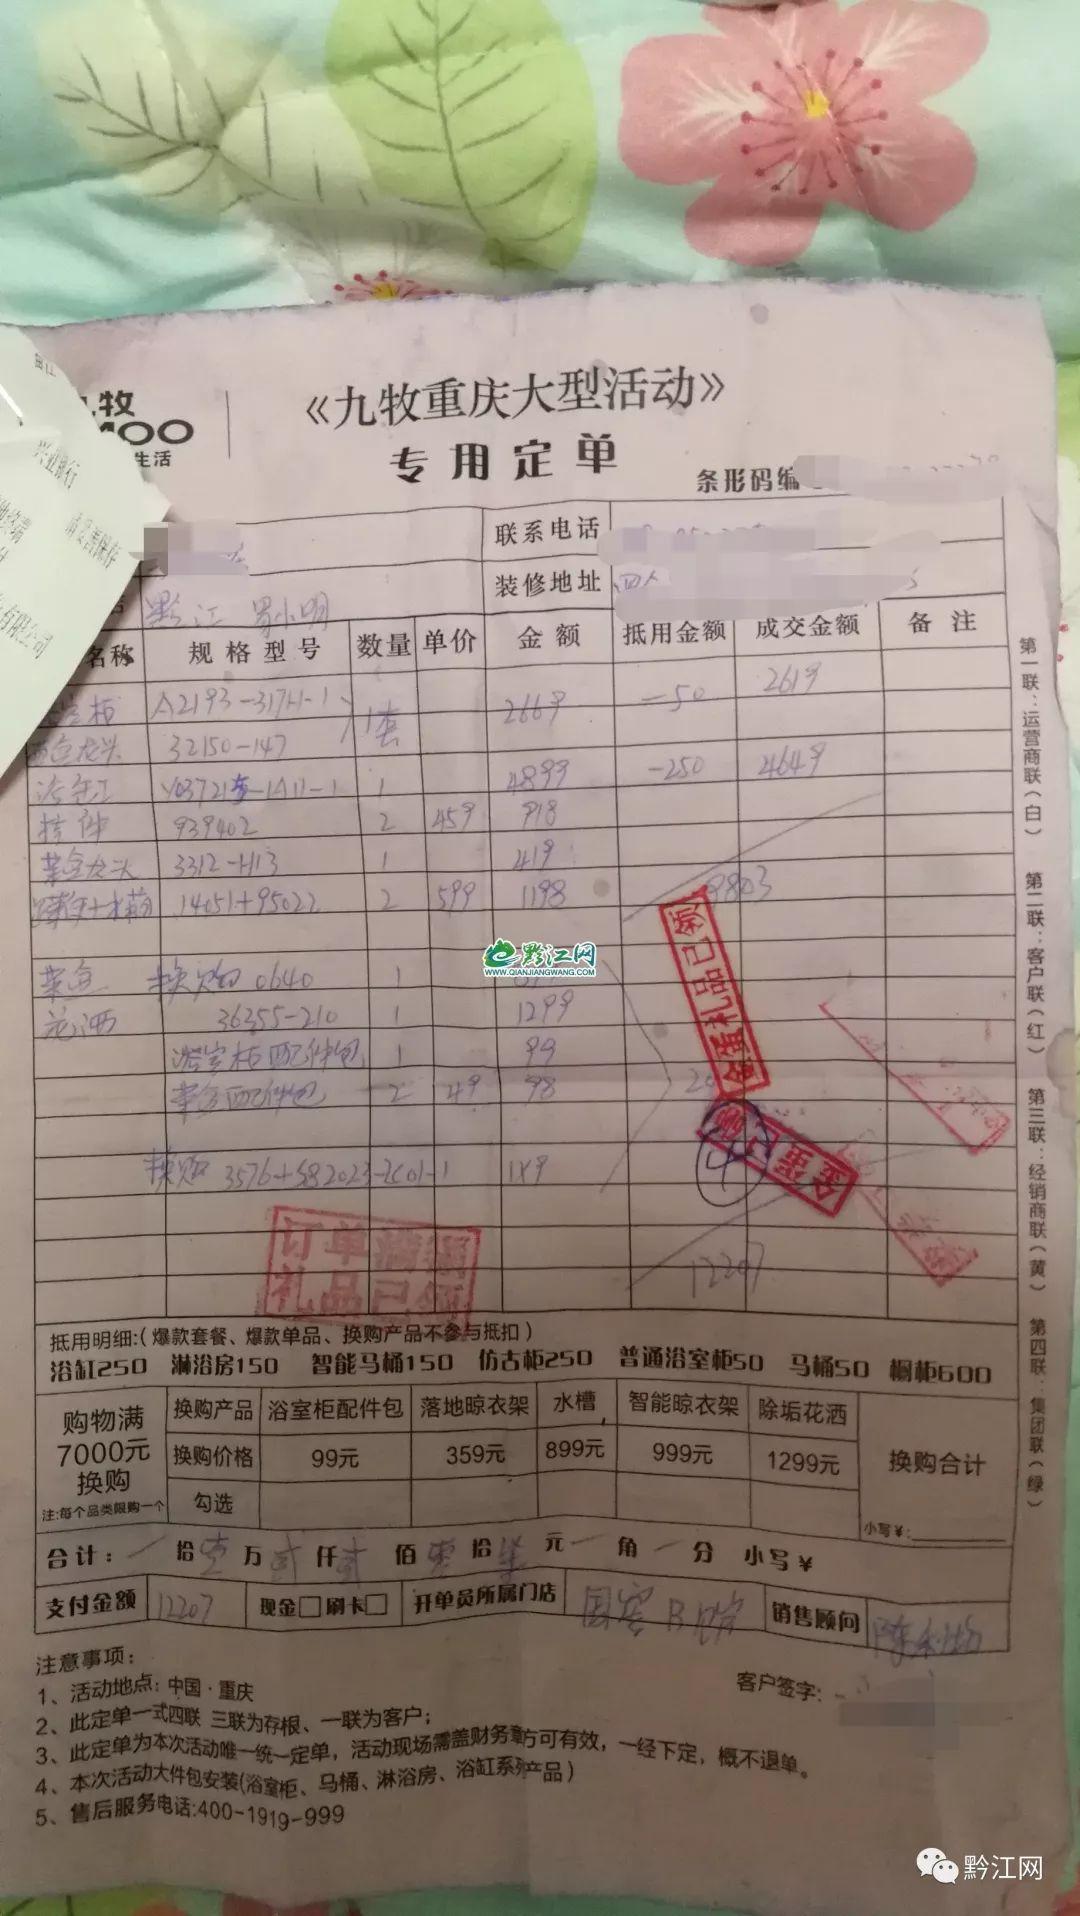 黔江九牧卫浴分销商突然失联 20多家用户损失严重